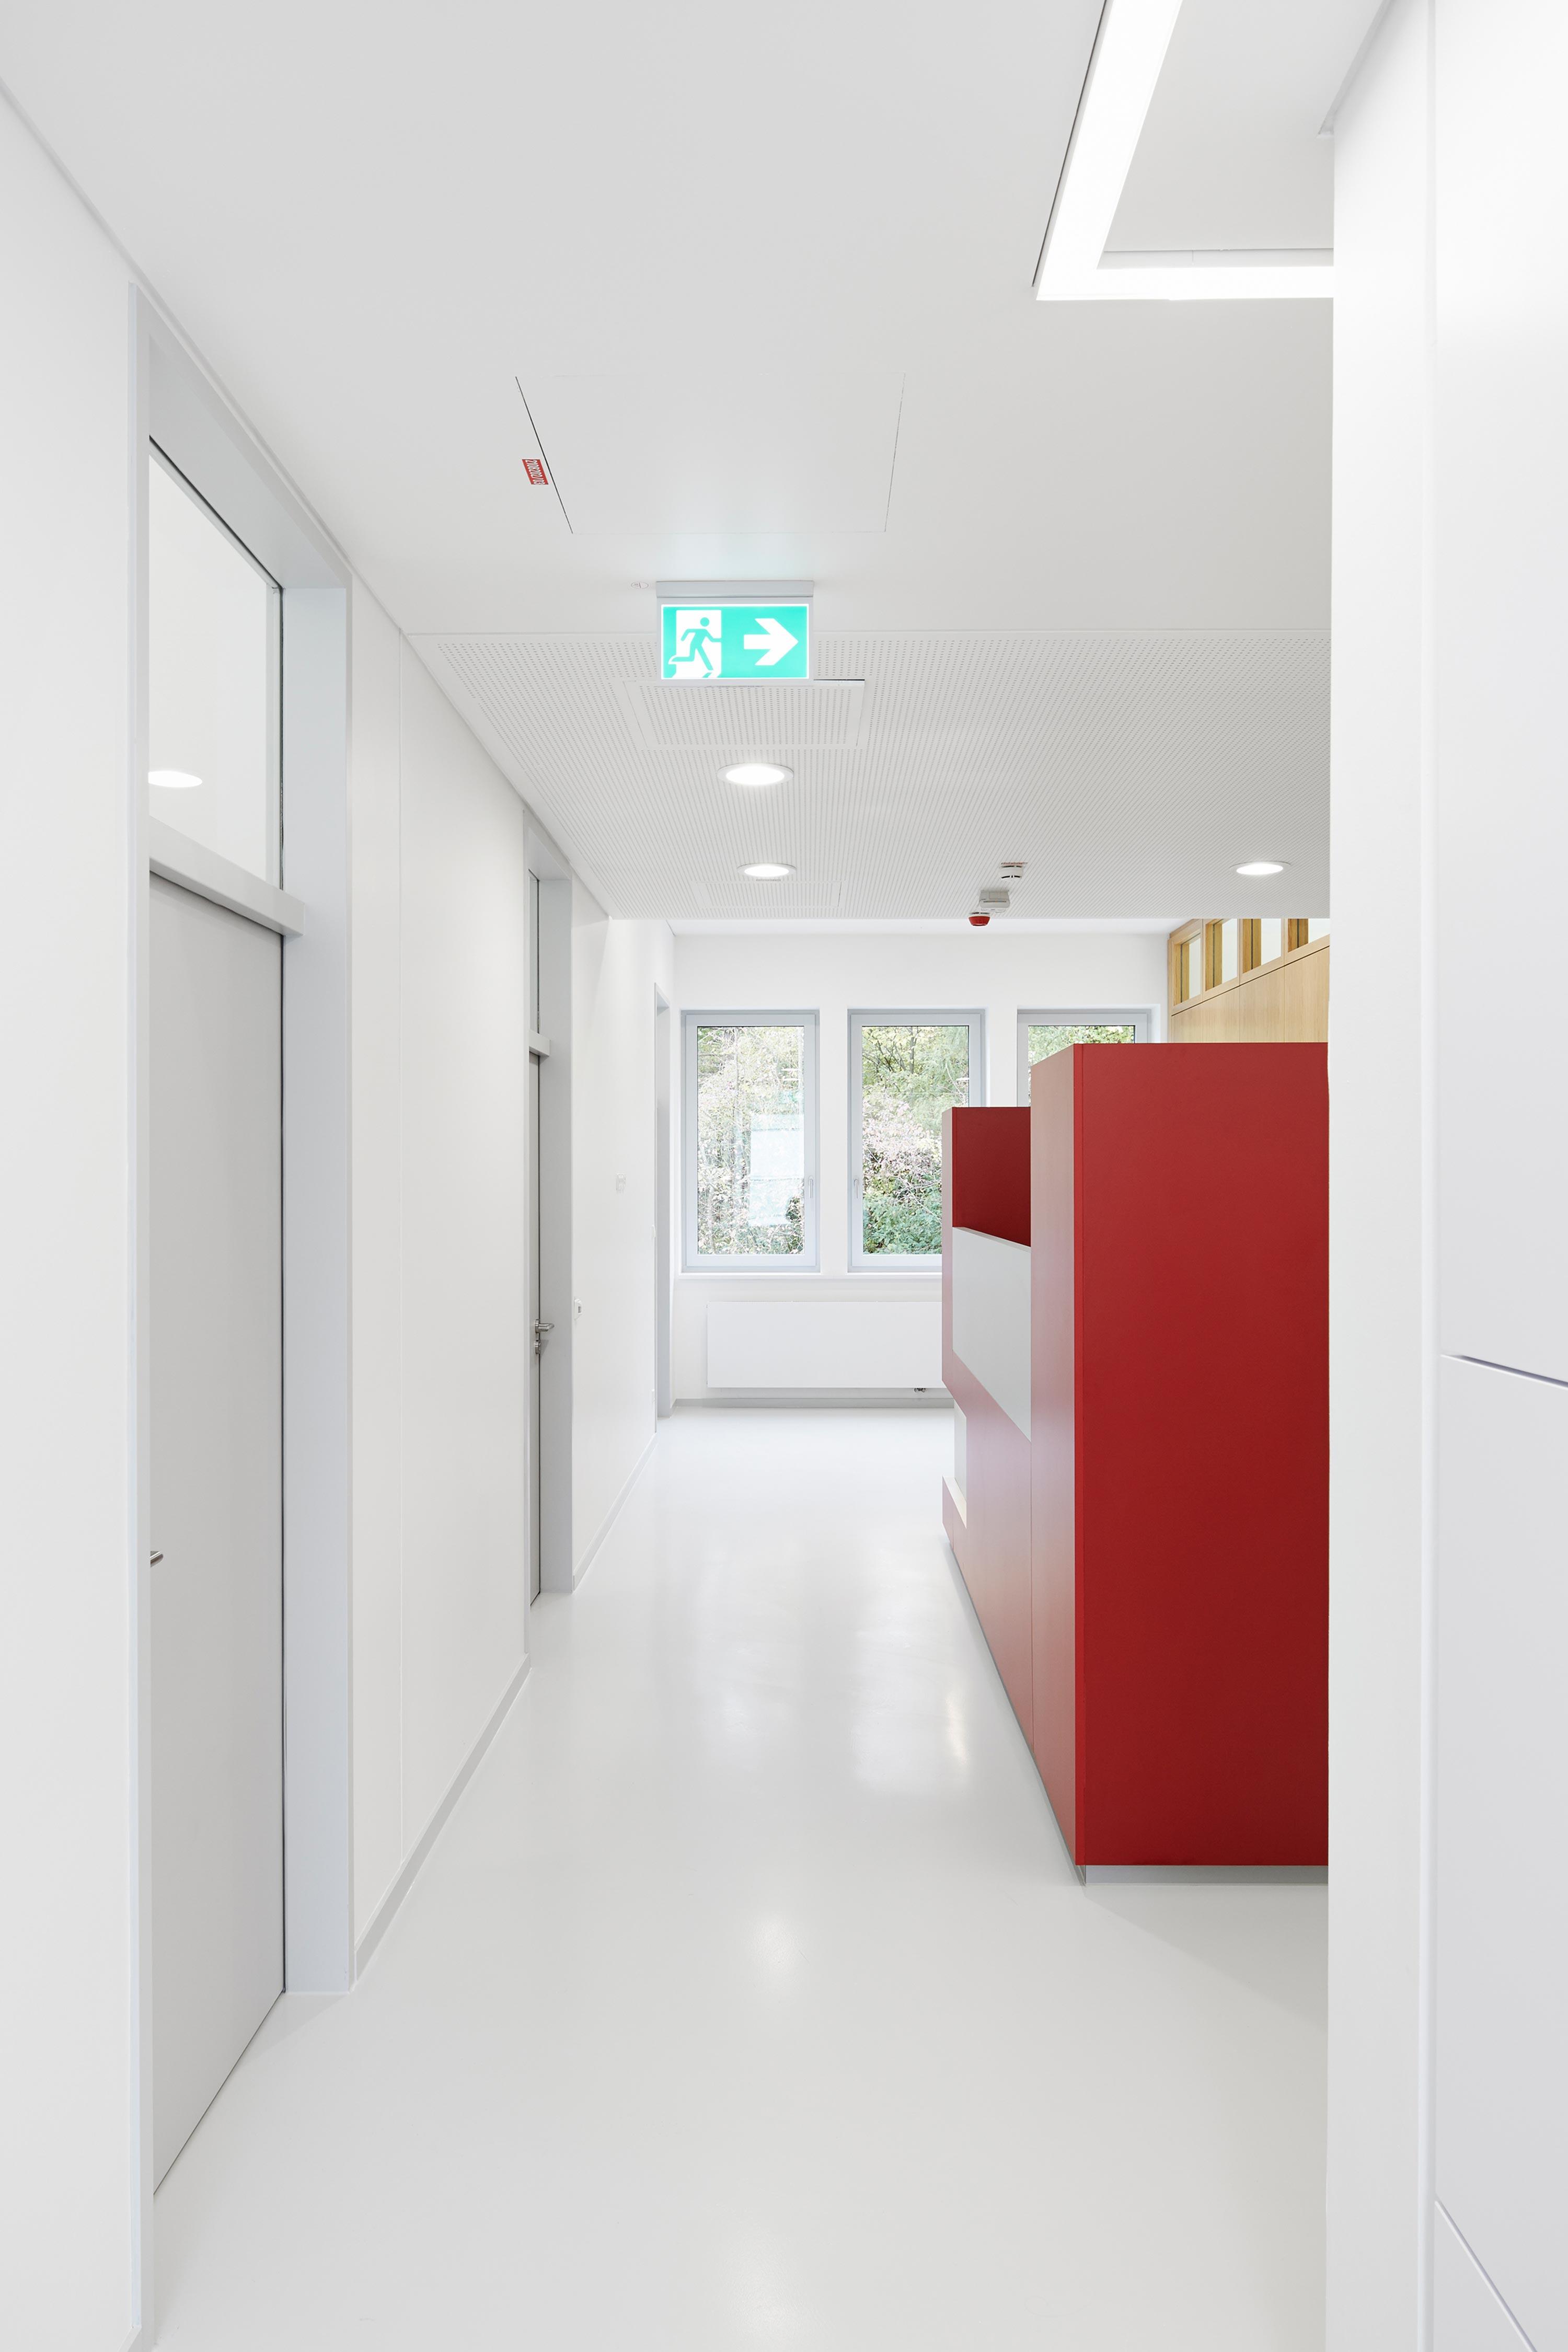 Laborgebäude für präklinische Bildgebung der Werner Siemens-Stiftung (8)